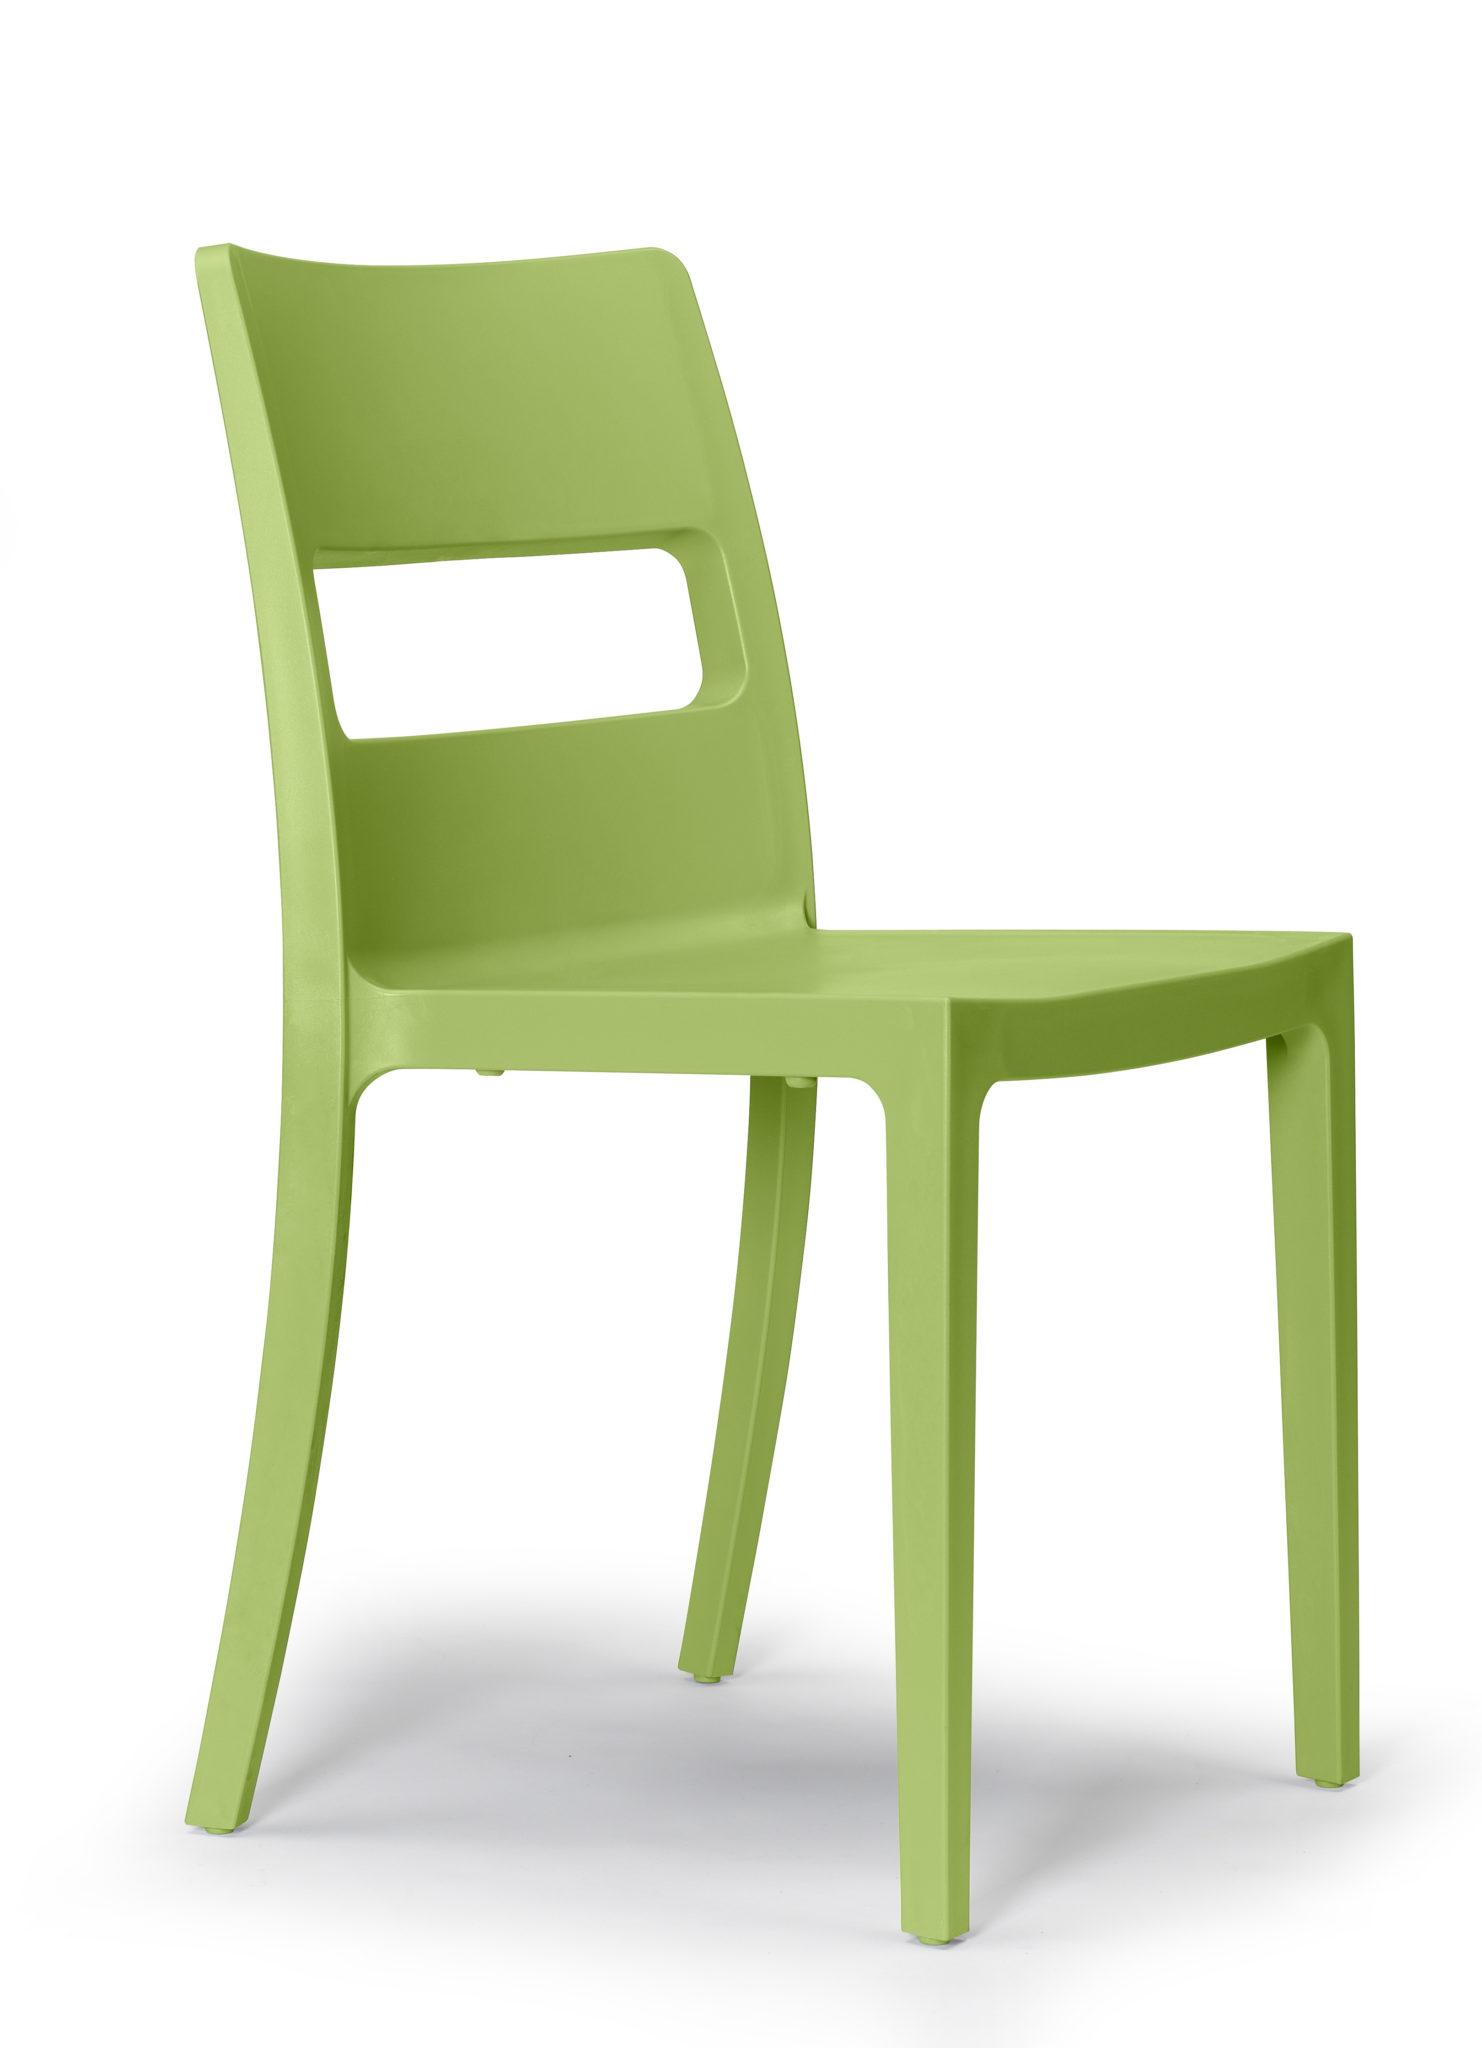 sedia sai scab design linea tavoli e sedie